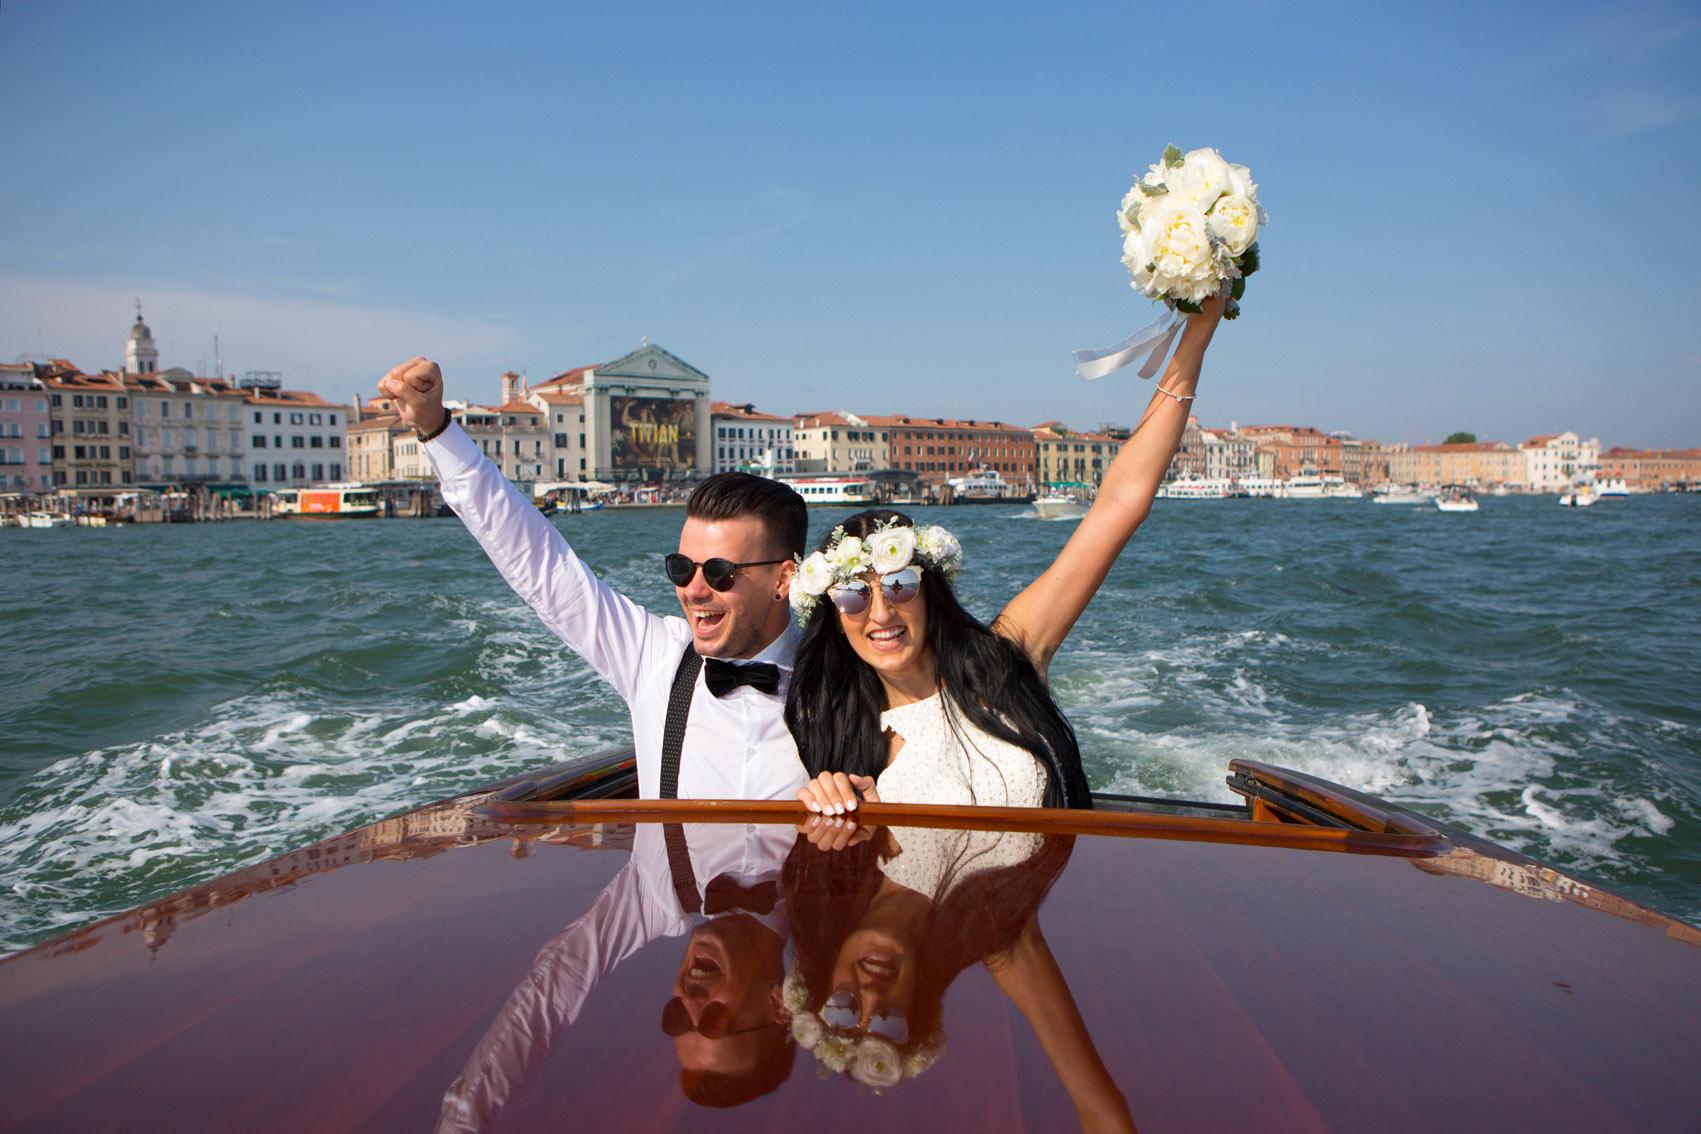 Hochzeitsfotos Wien